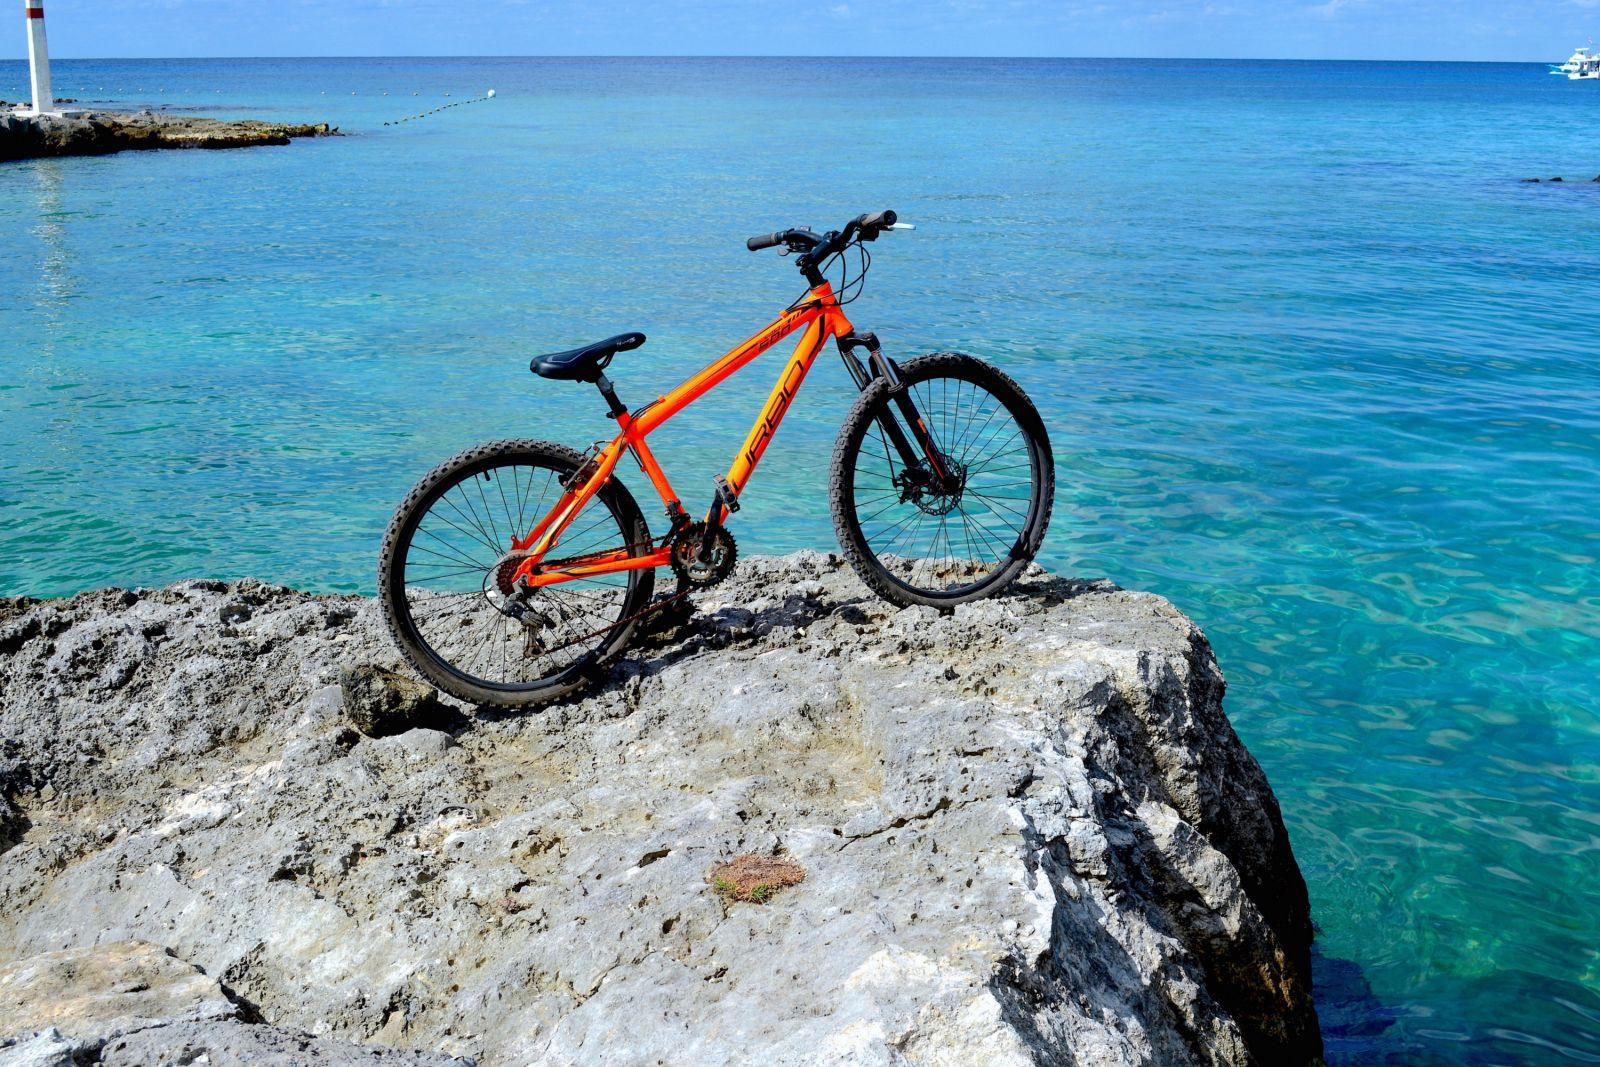 bike-tour-explorean-cozumel-water-view